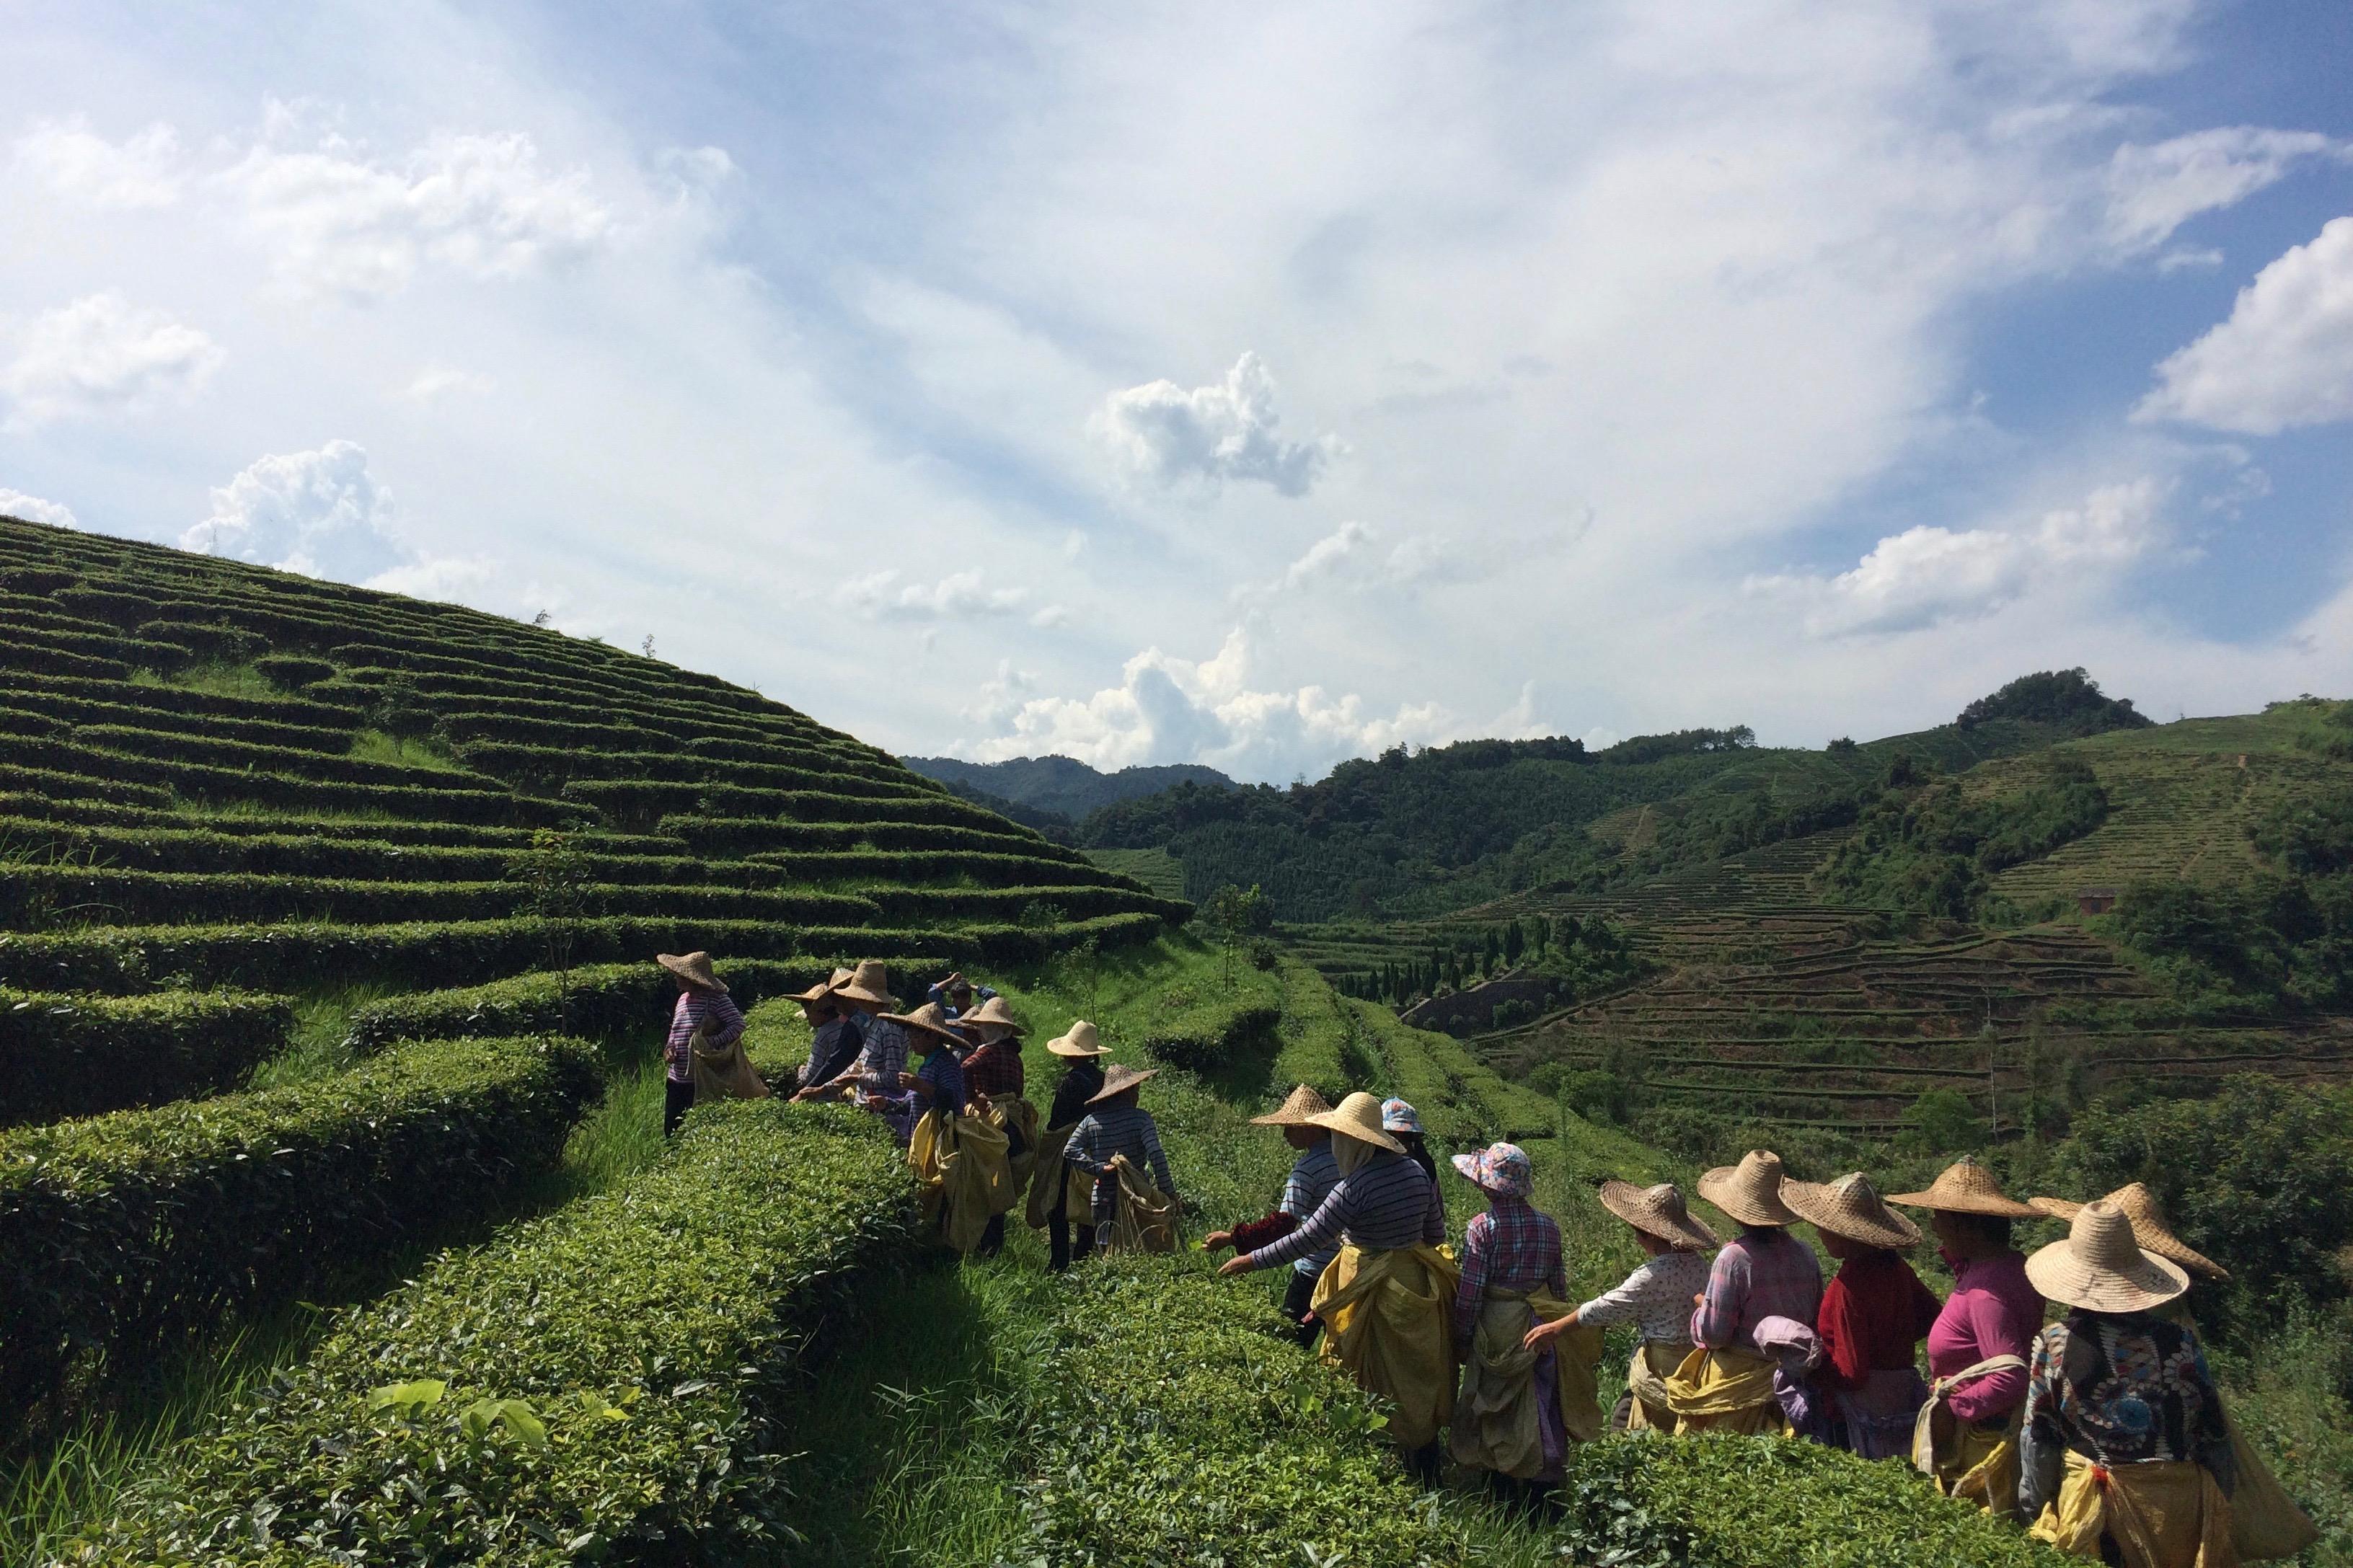 Shanfu Tea Company in Shaxian, Fujian Province, China